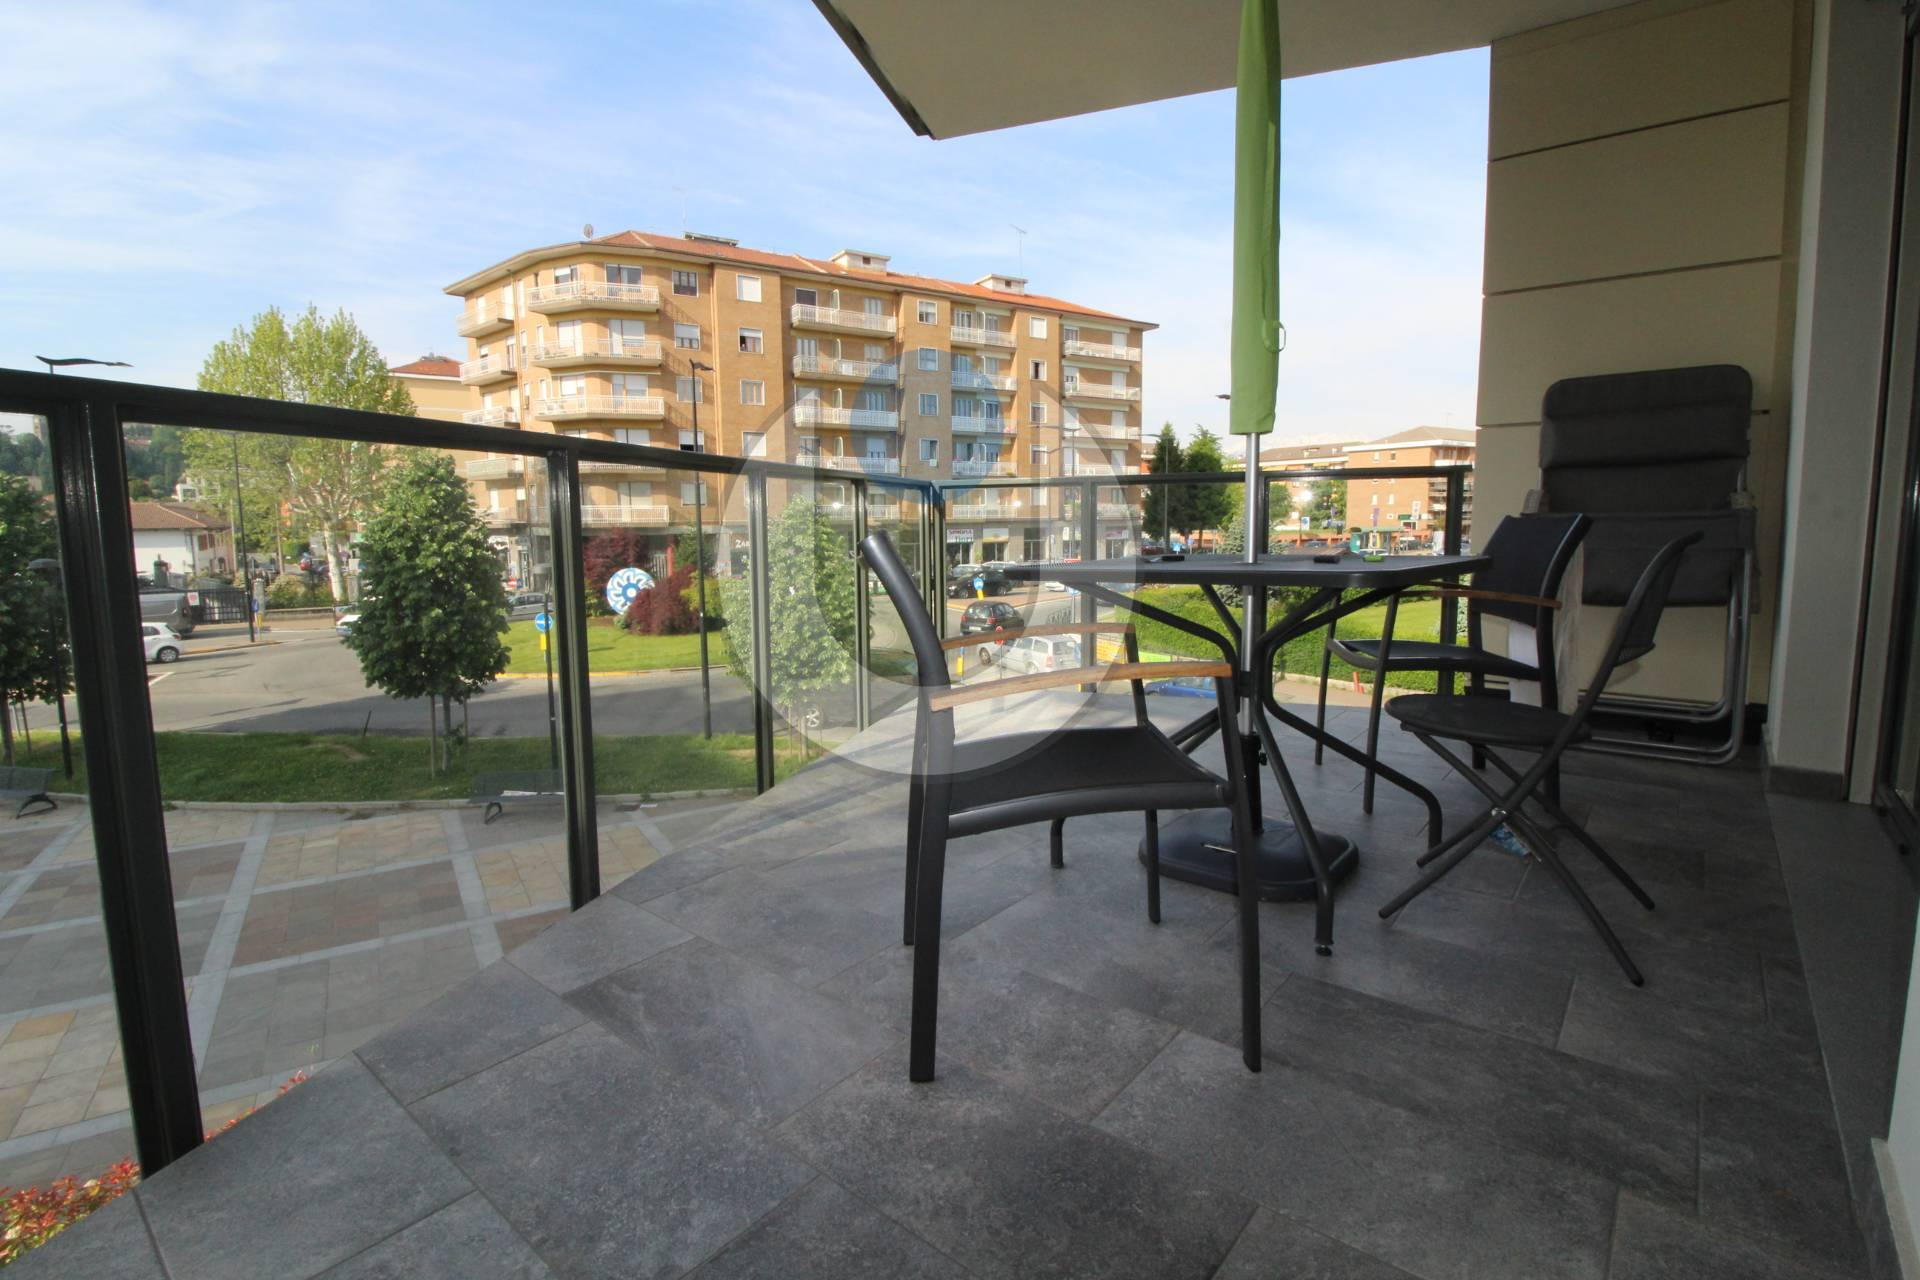 Appartamento in vendita a Rivoli, 3 locali, zona Località: PressiC.soSusa, prezzo € 190.000 | CambioCasa.it